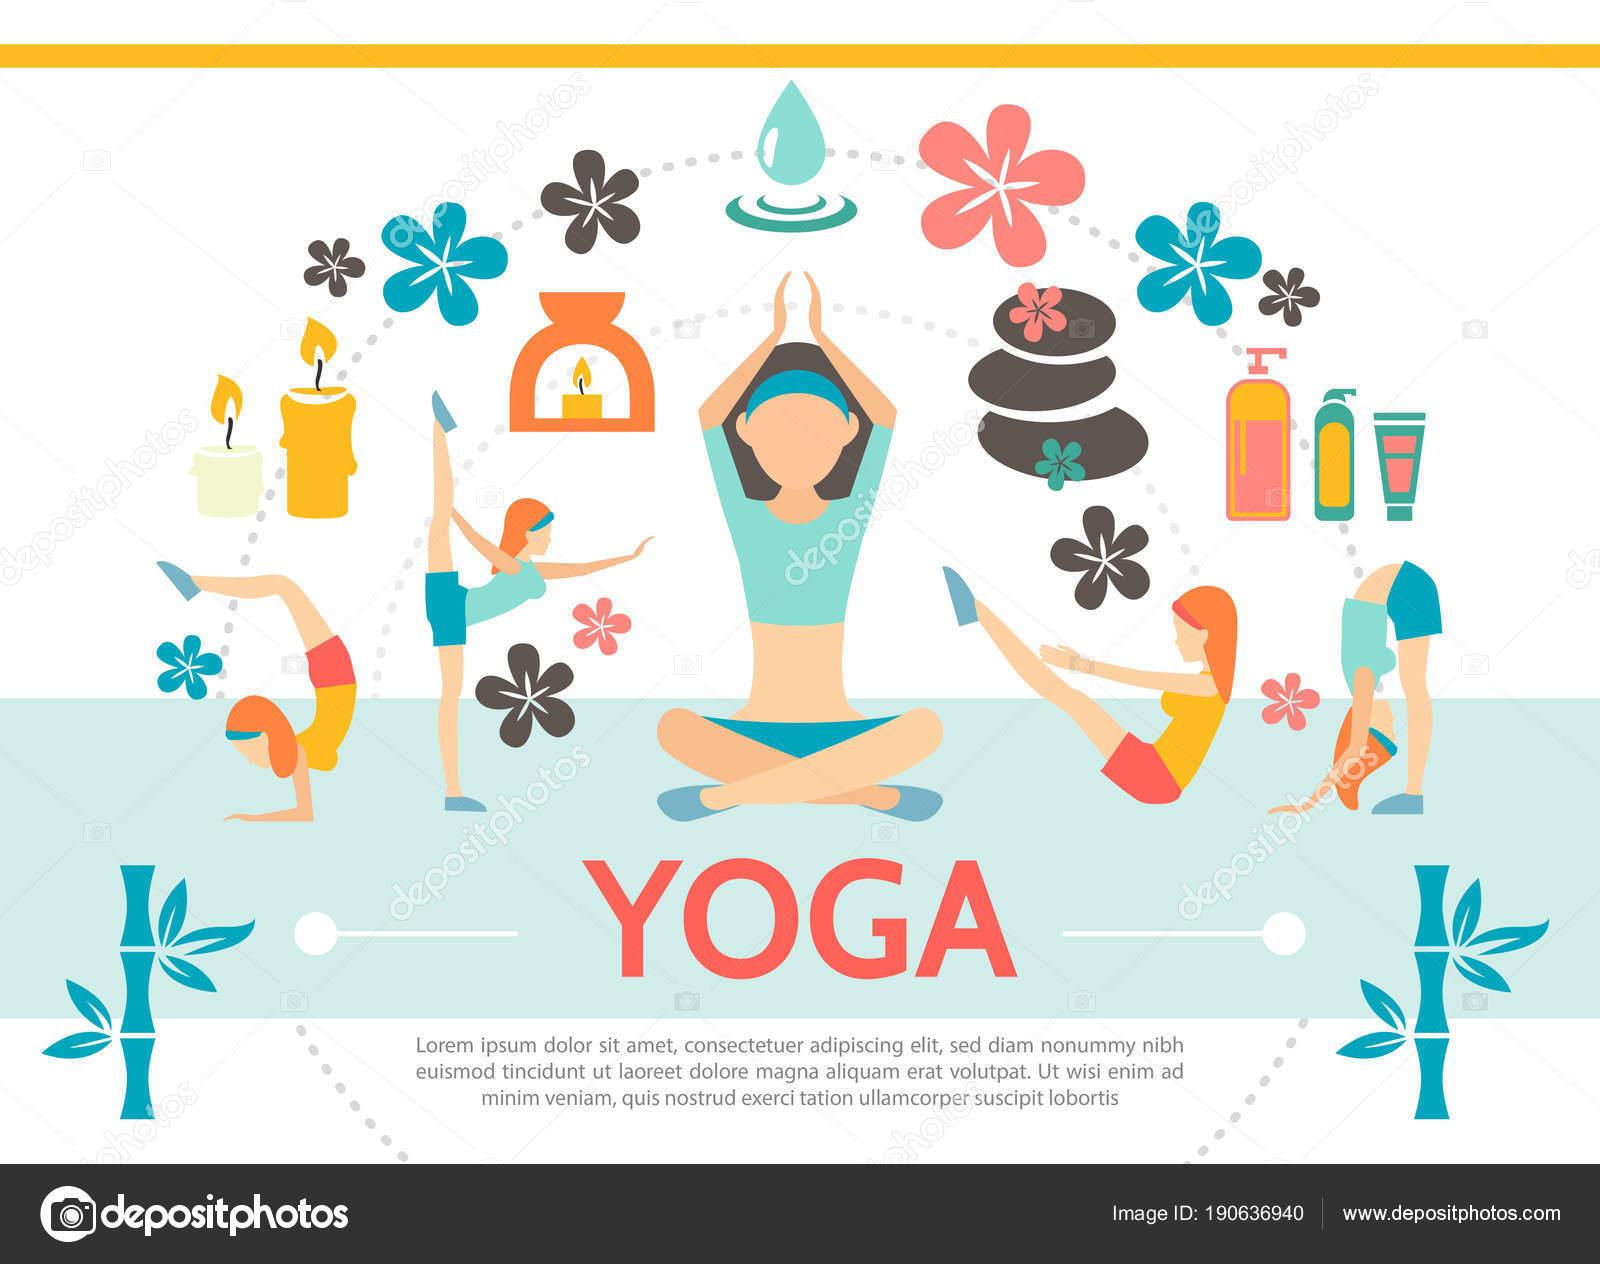 Plantilla de plano Yoga — Vector de stock © MSSA #190636940